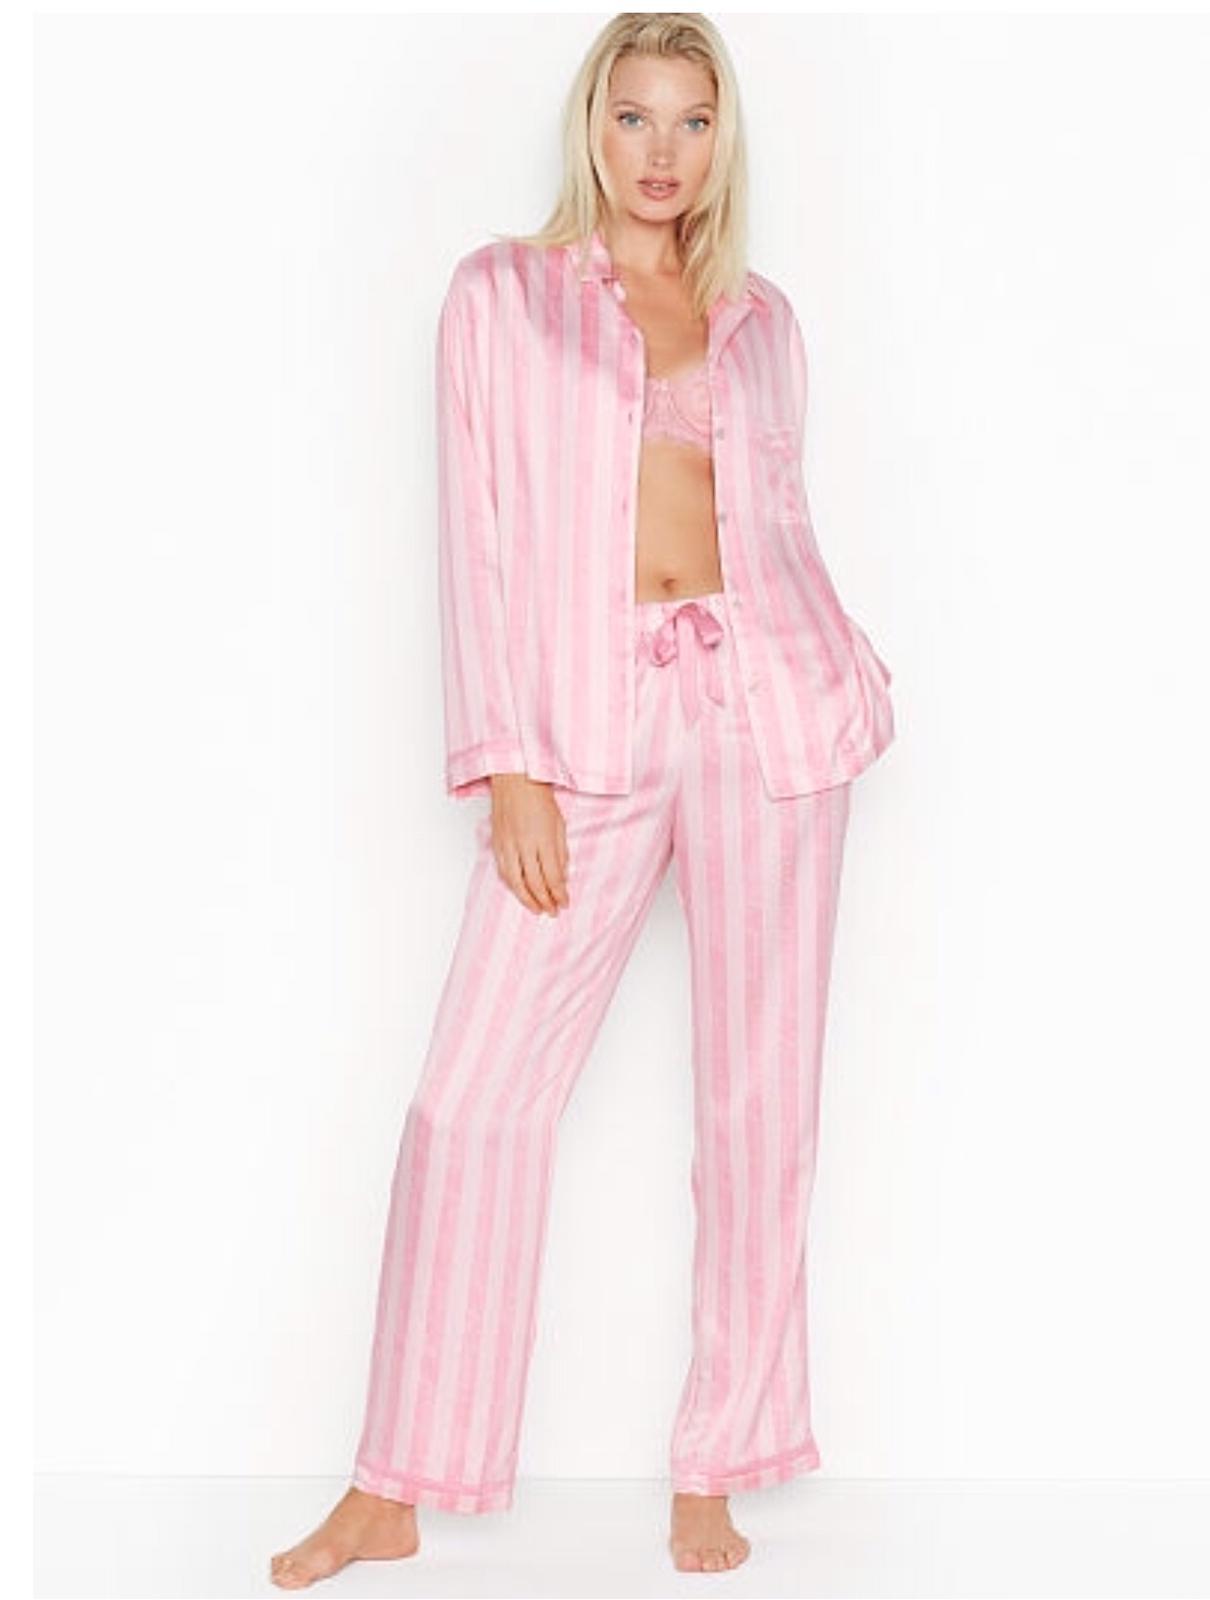 prezzo basso Cheaper noi sporchi My life in pajama! 5 Pigiami top da tenere nel guardaroba ...